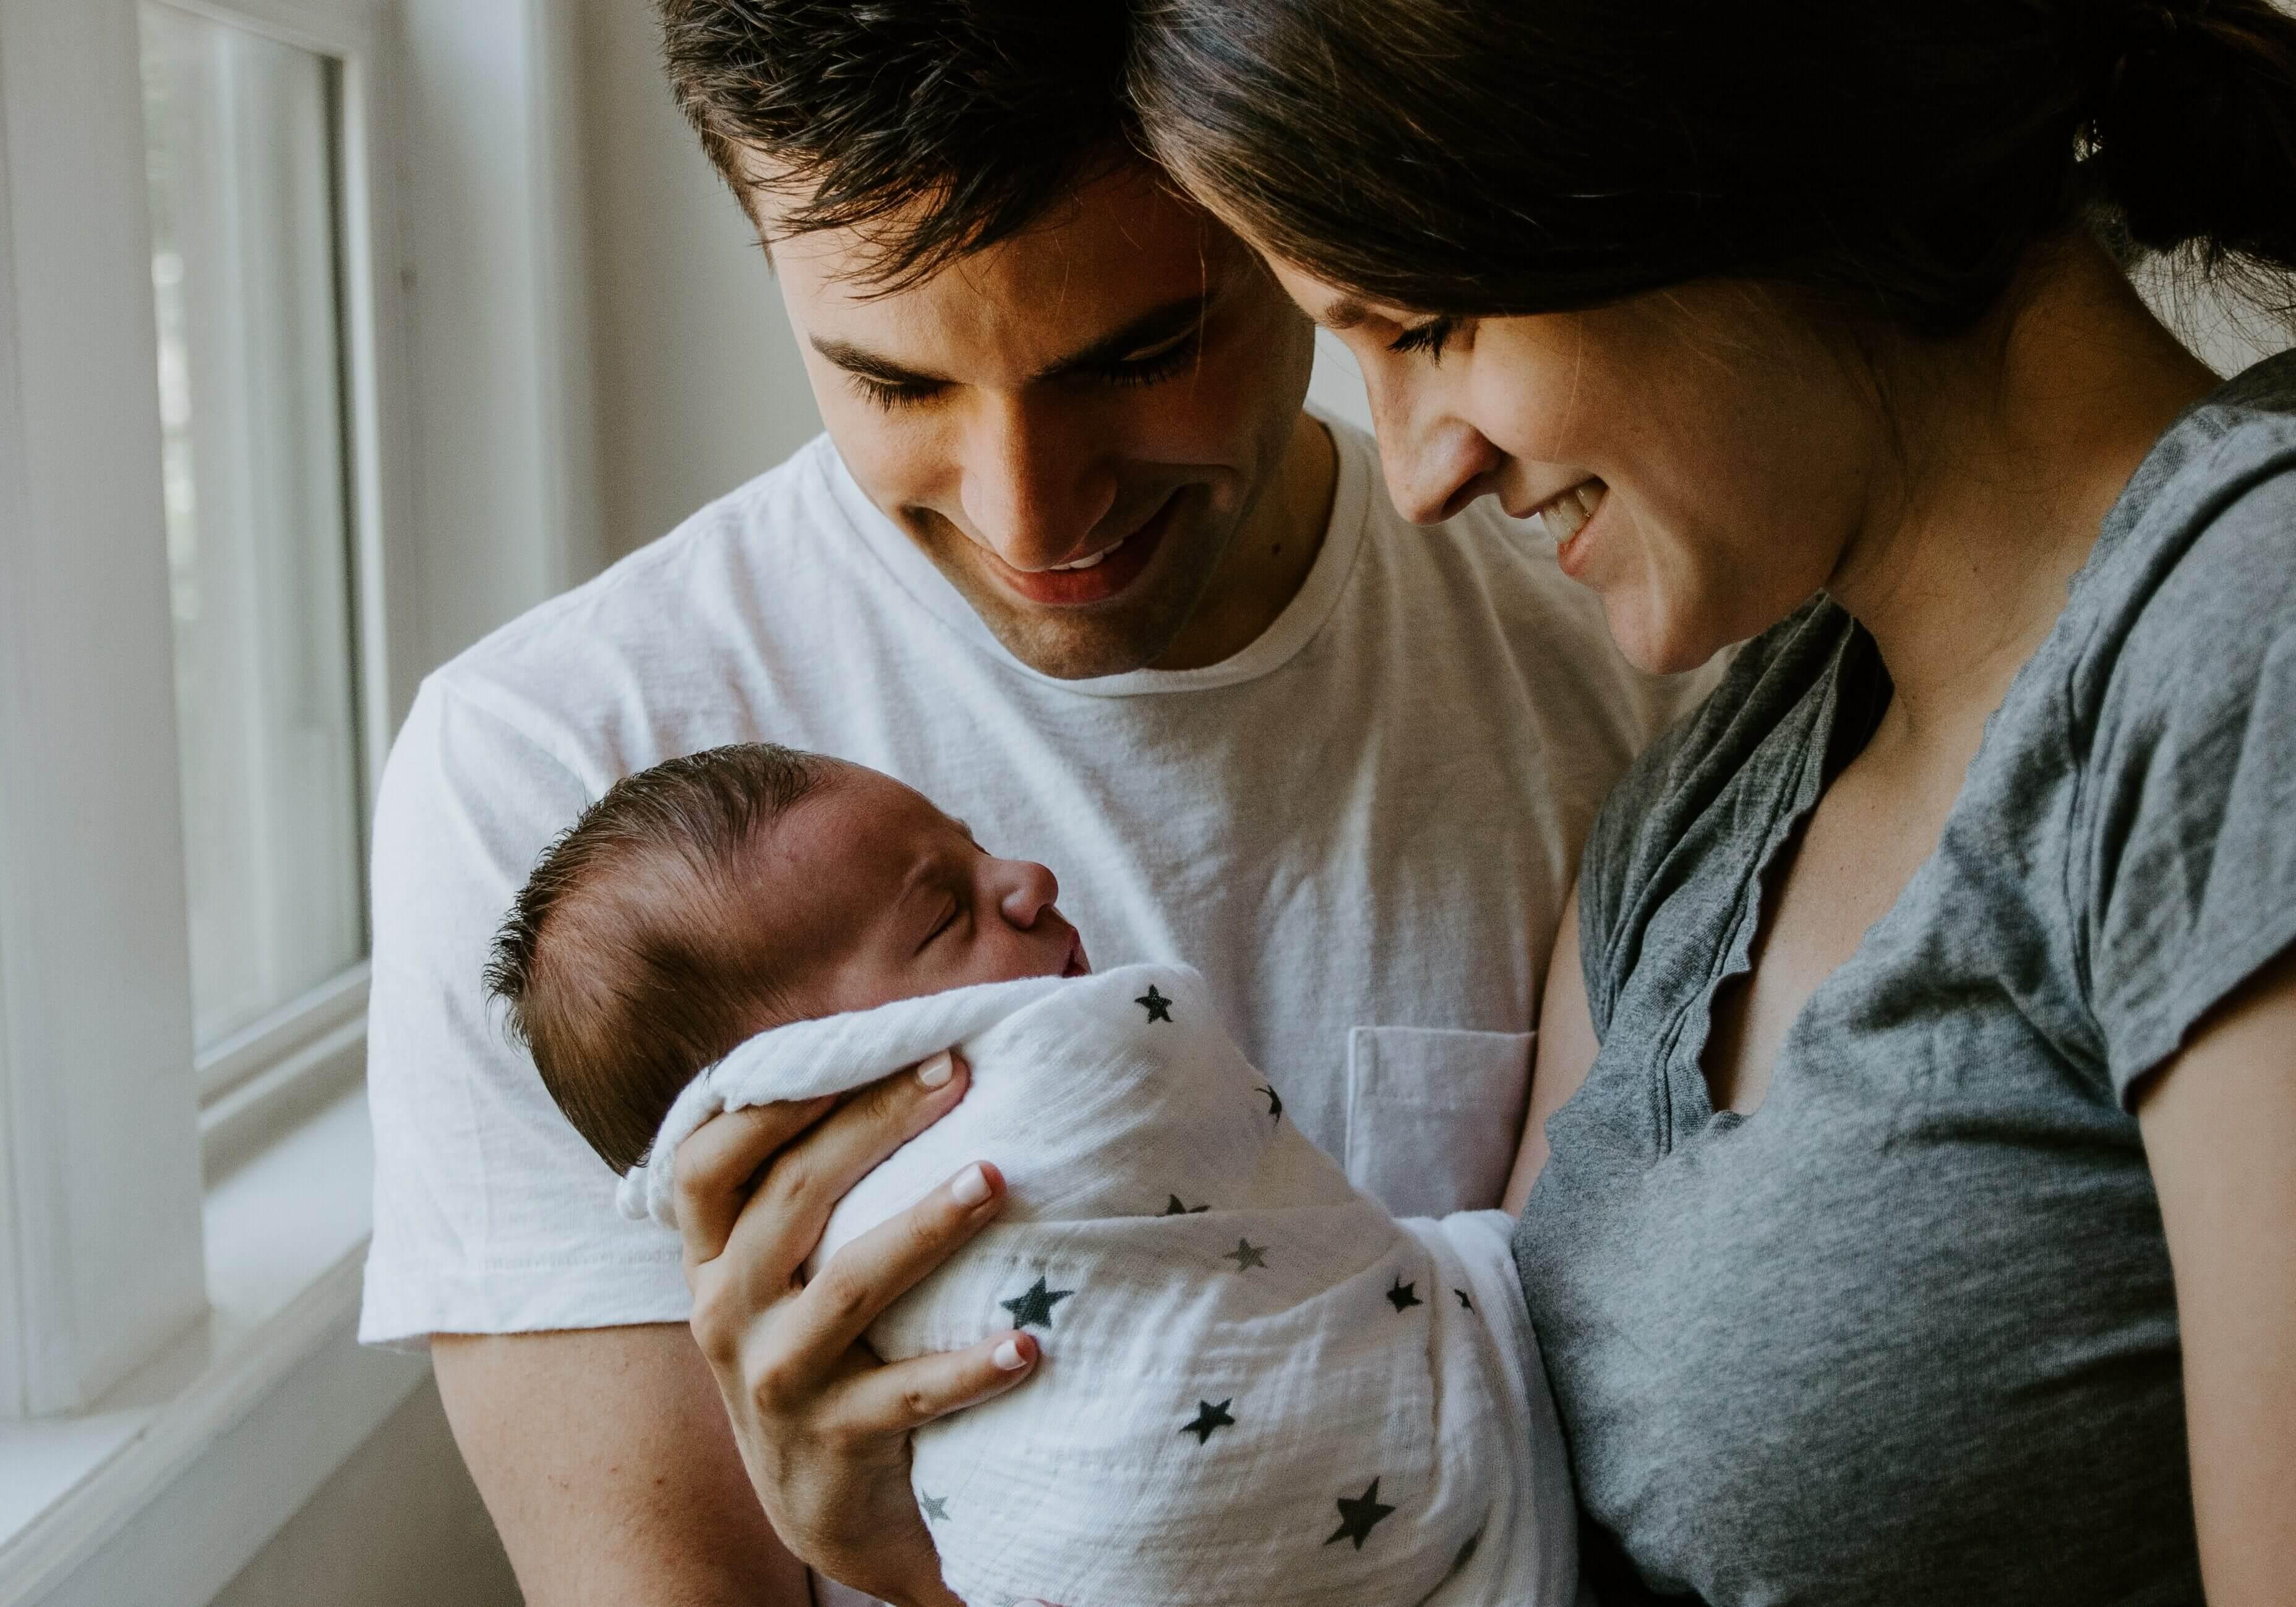 Blog-Imagen-tips-para-que-bebe-y-tu-duerman-mejor-envuelvelo-firme-sin-apretar-Colegio-Williams-de-Cuernavaca-Oct-V1